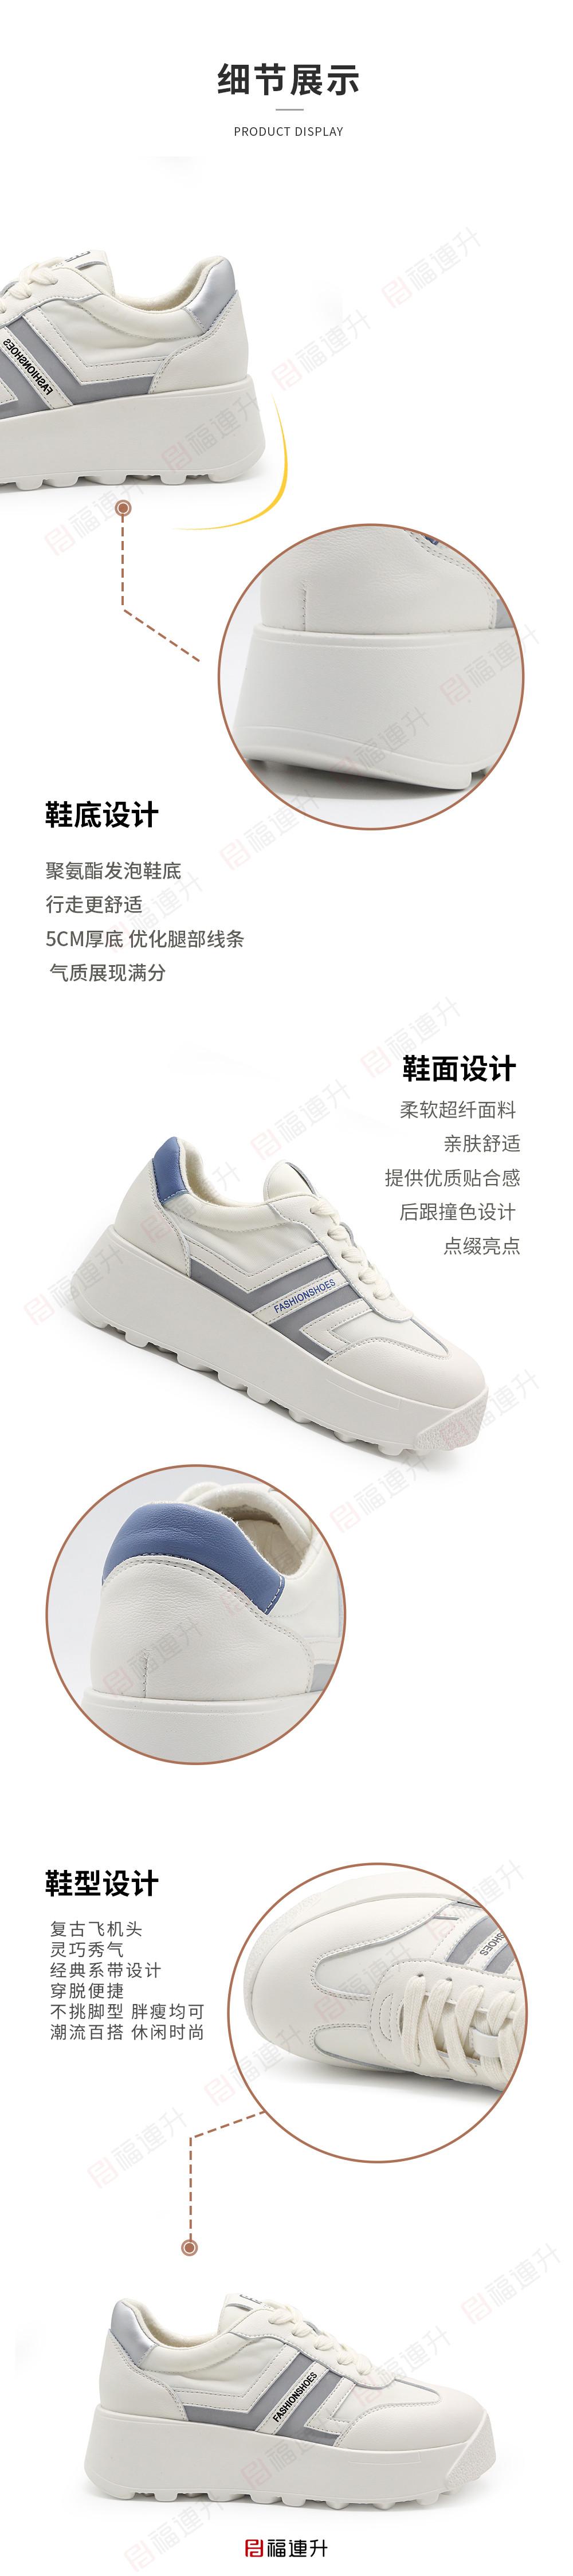 福连升2021秋季新款厚底百搭小白鞋休闲女鞋增高新款面包鞋图片